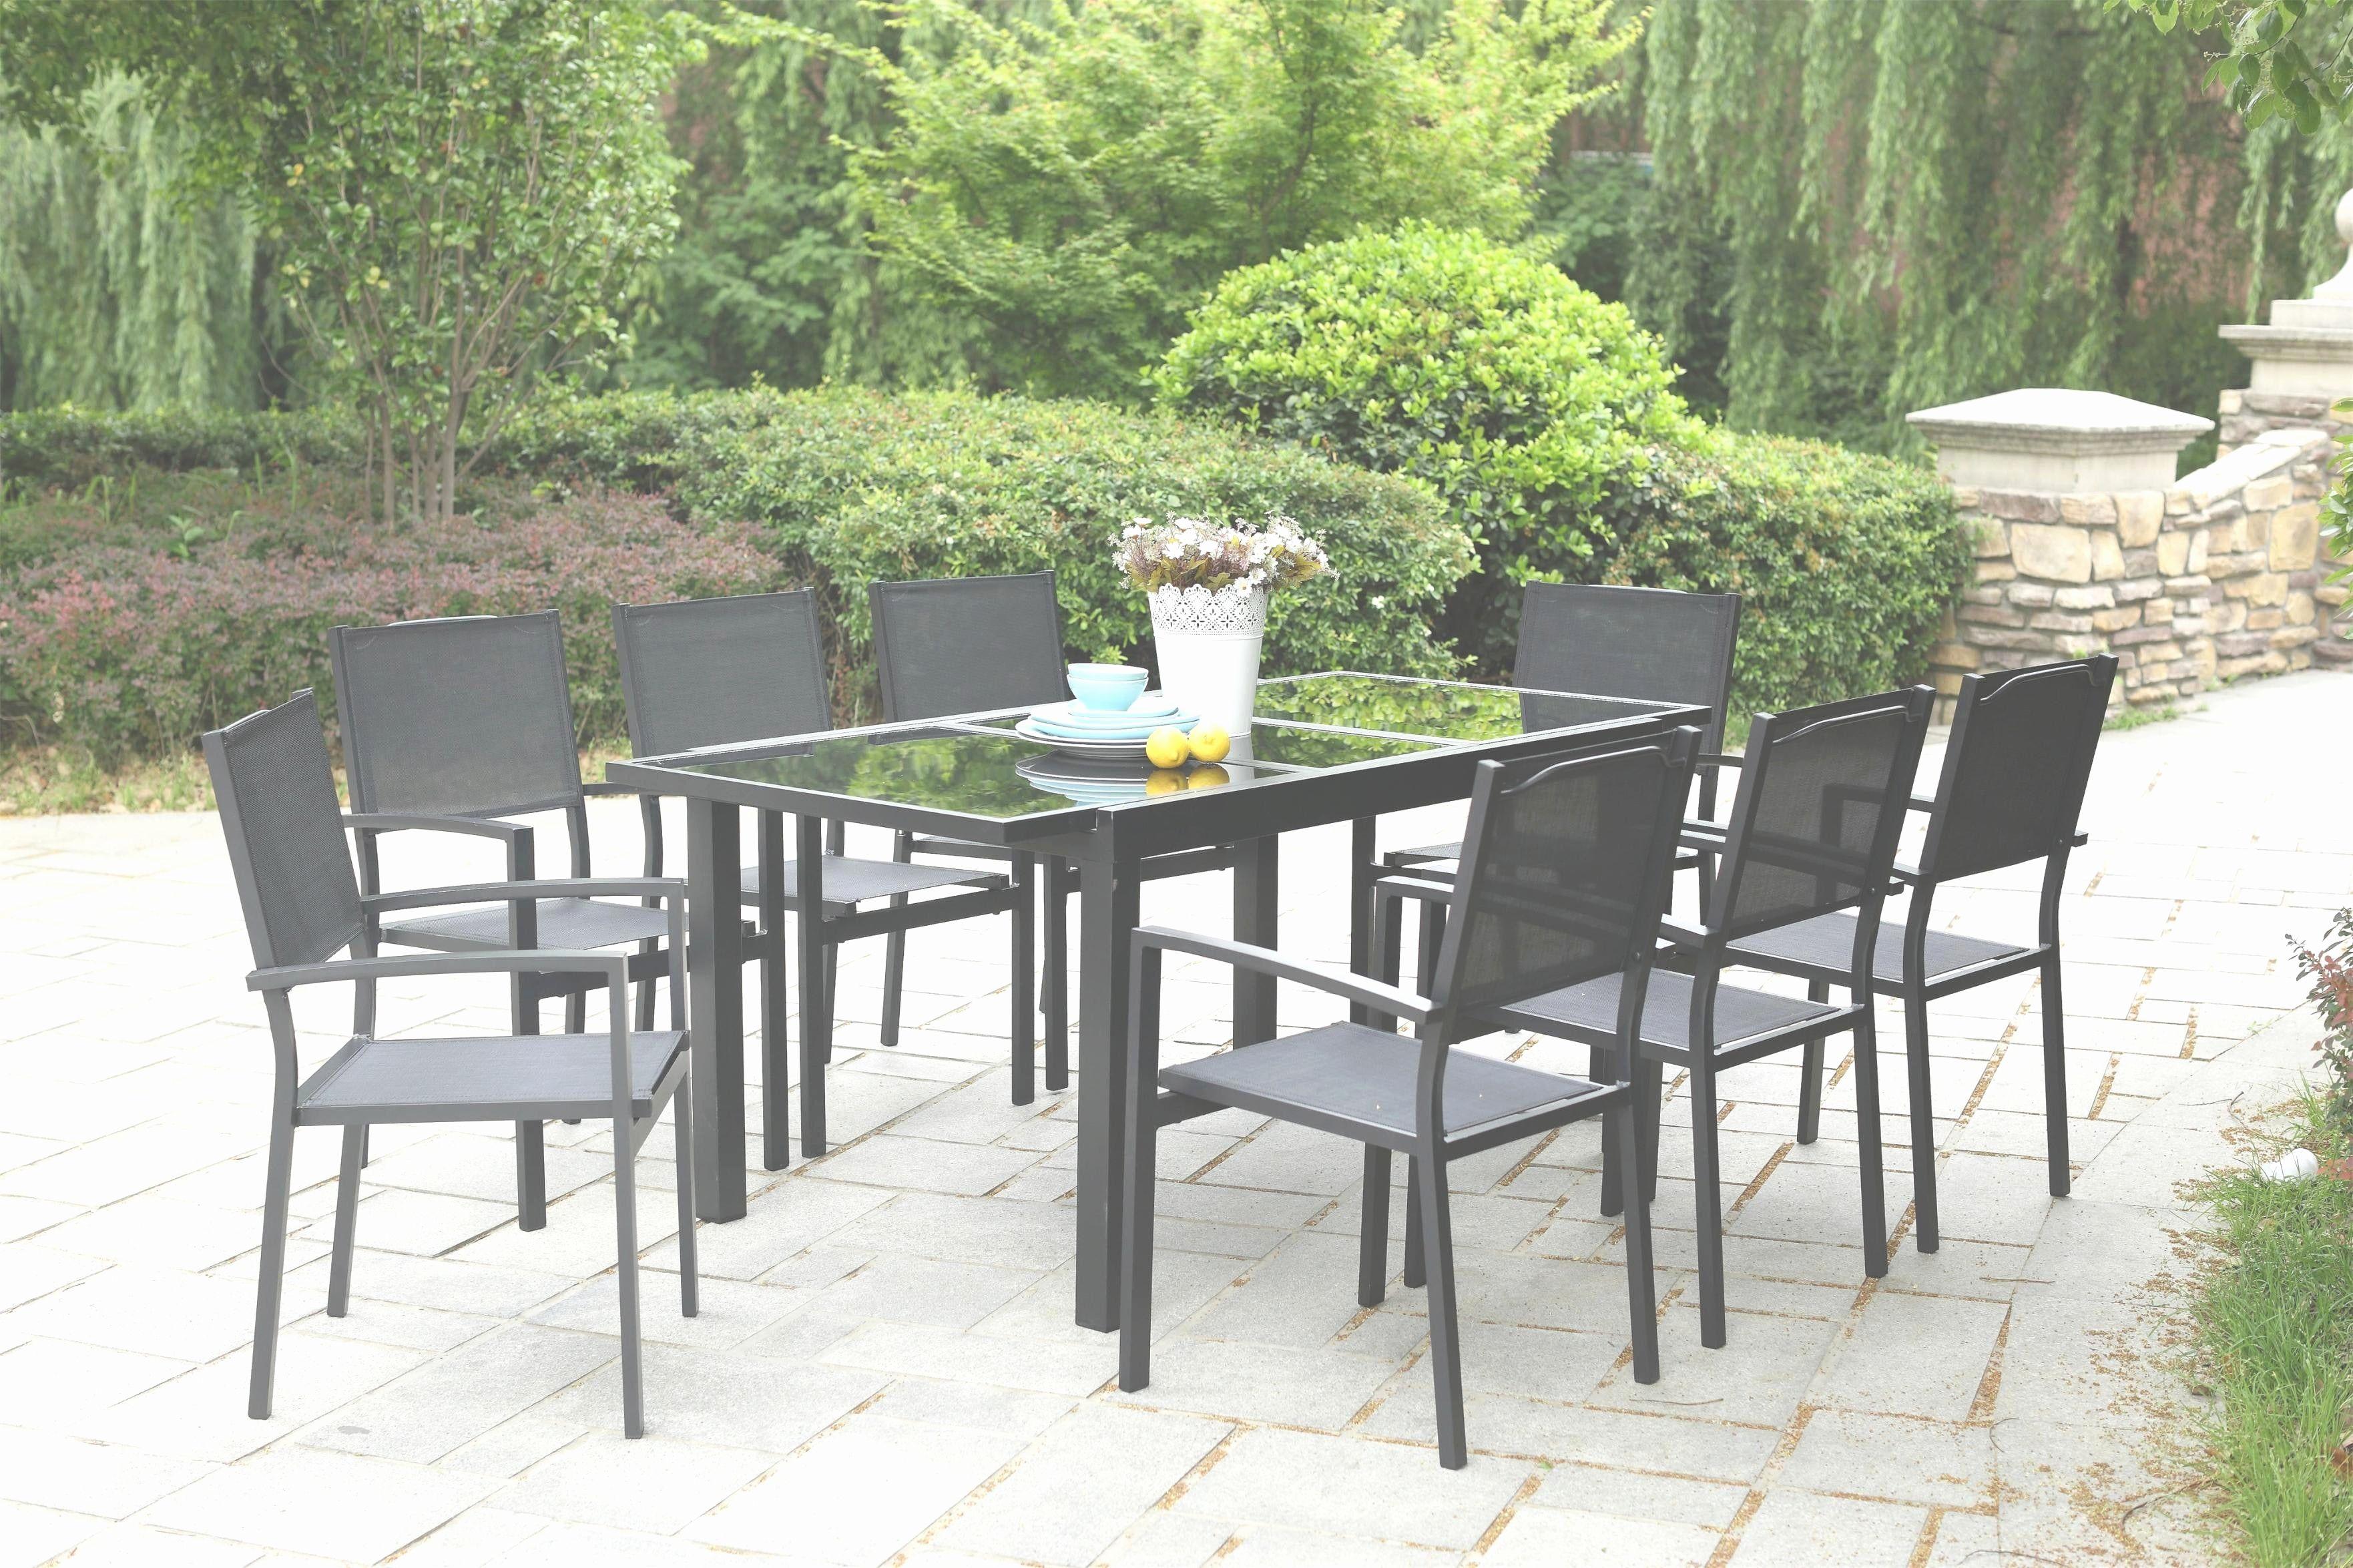 Banc De Jardin Castorama Banc De Jardin Castorama Mobilier De Jardin Votre Futur Mobilier De Jardin Est A Portee De Outdoor Tables Outdoor Furniture Outdoor